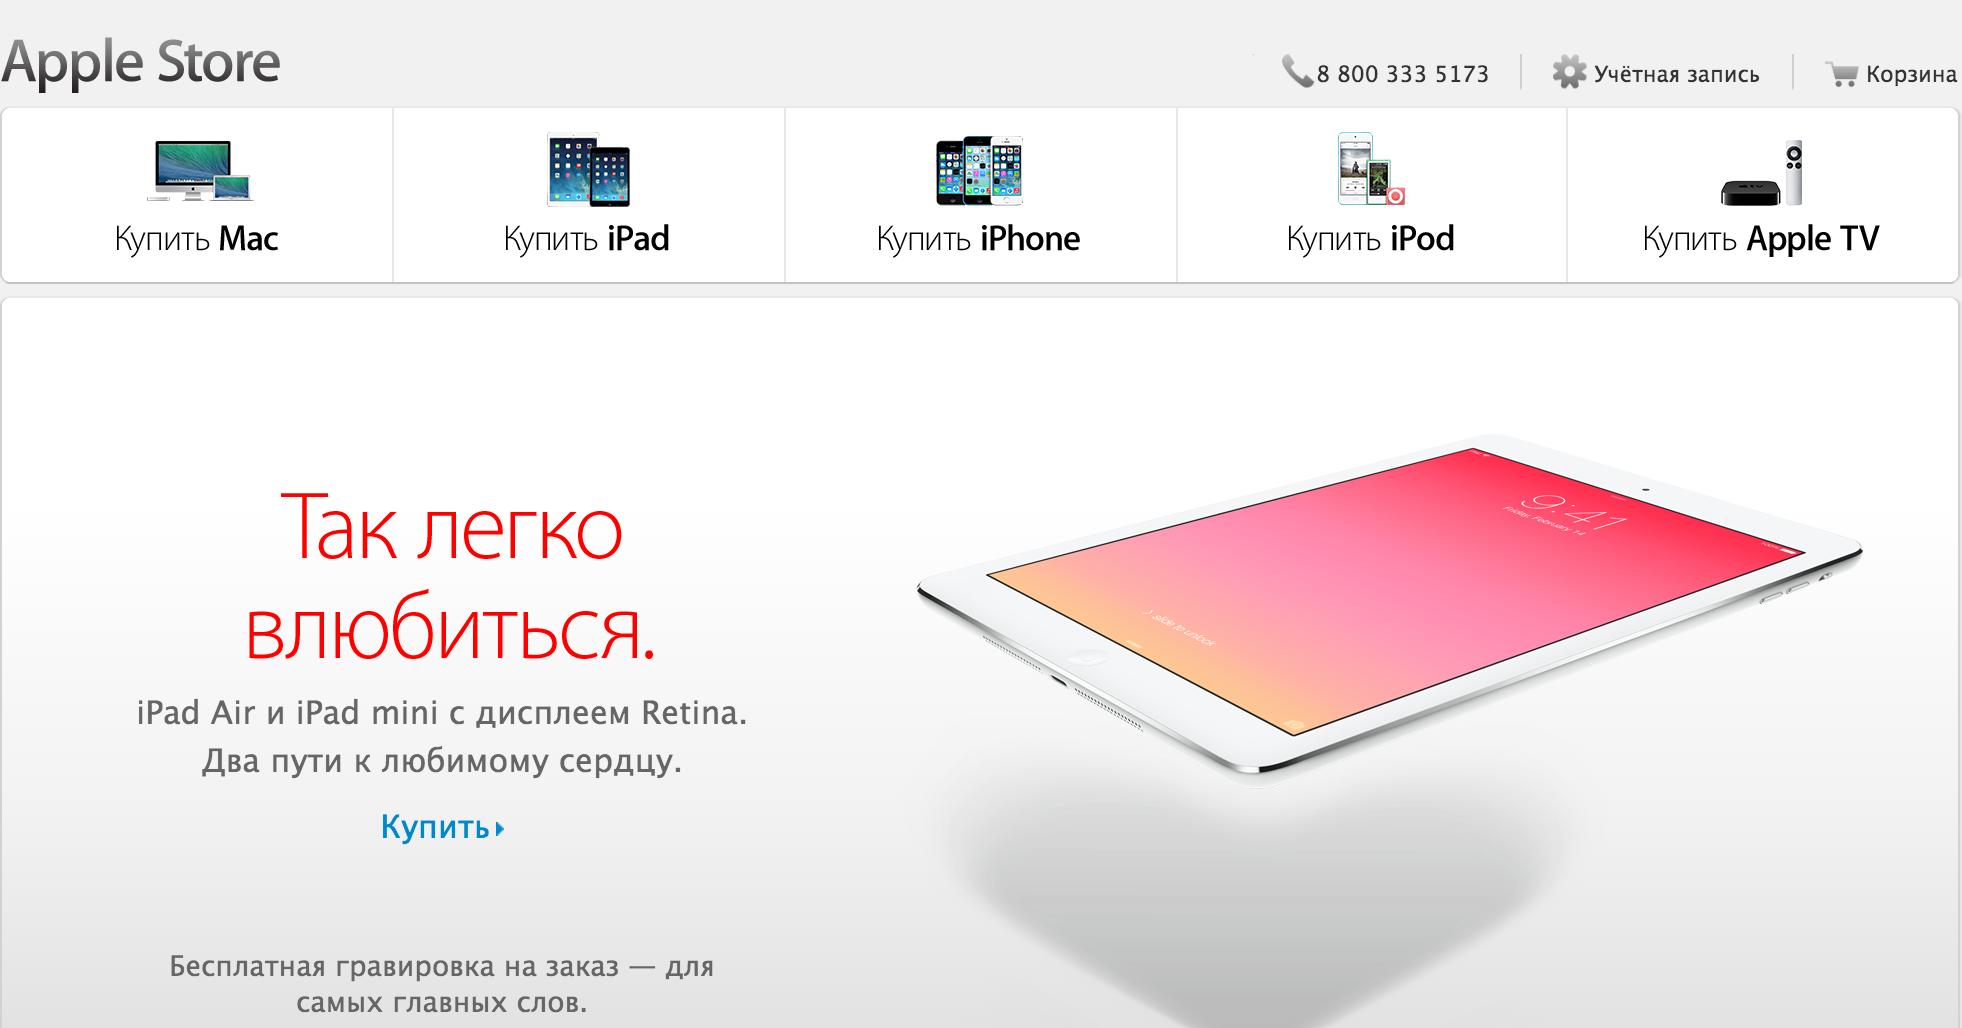 Российский Online Apple Store увеличил географию доставки